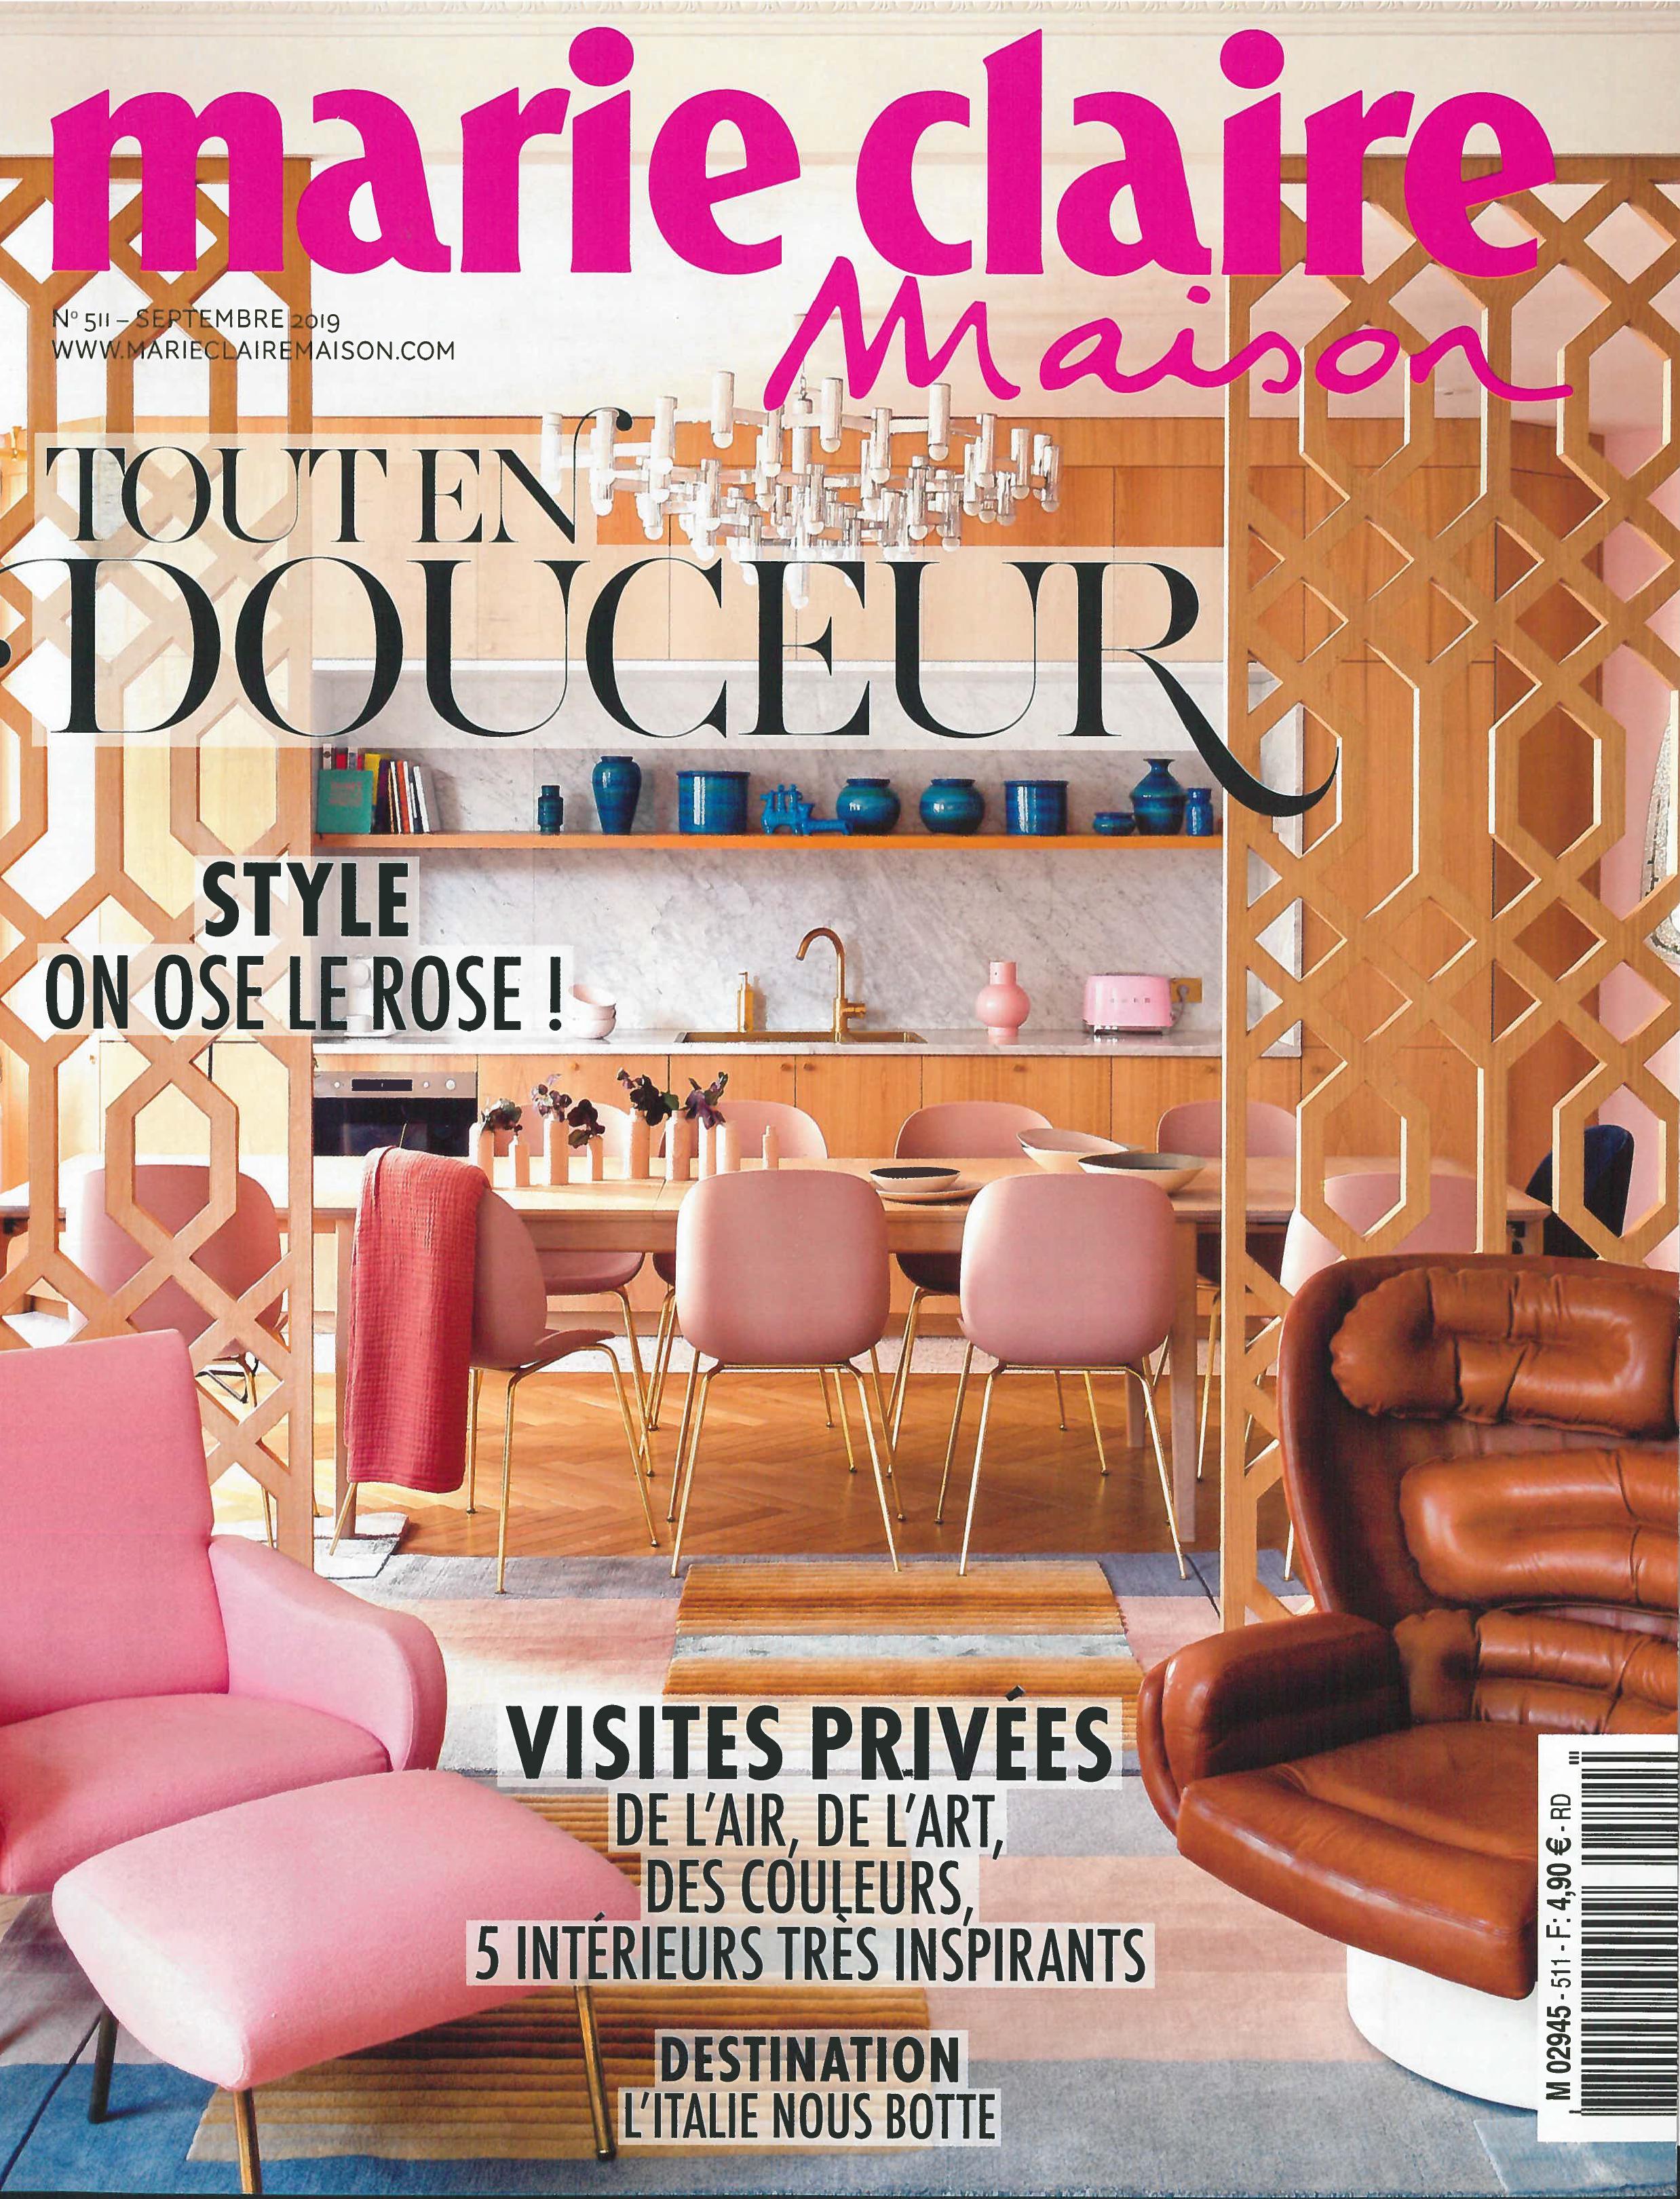 Marie Claire Maison - Septembre 2019-1.jpg